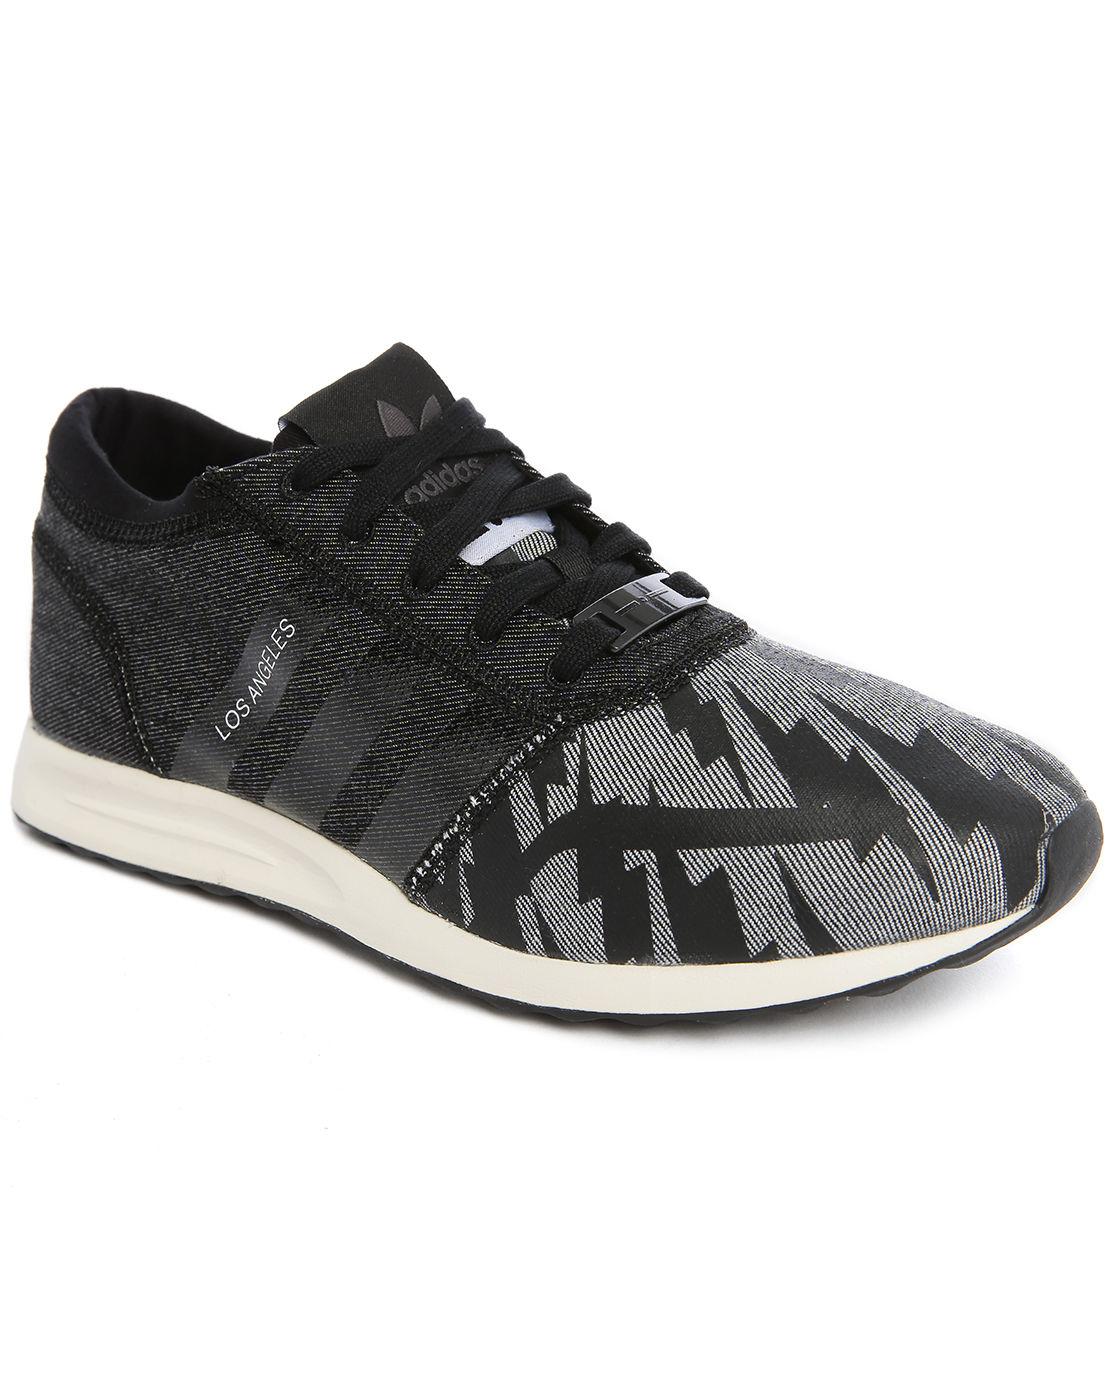 John Oliver Adidas Shoes